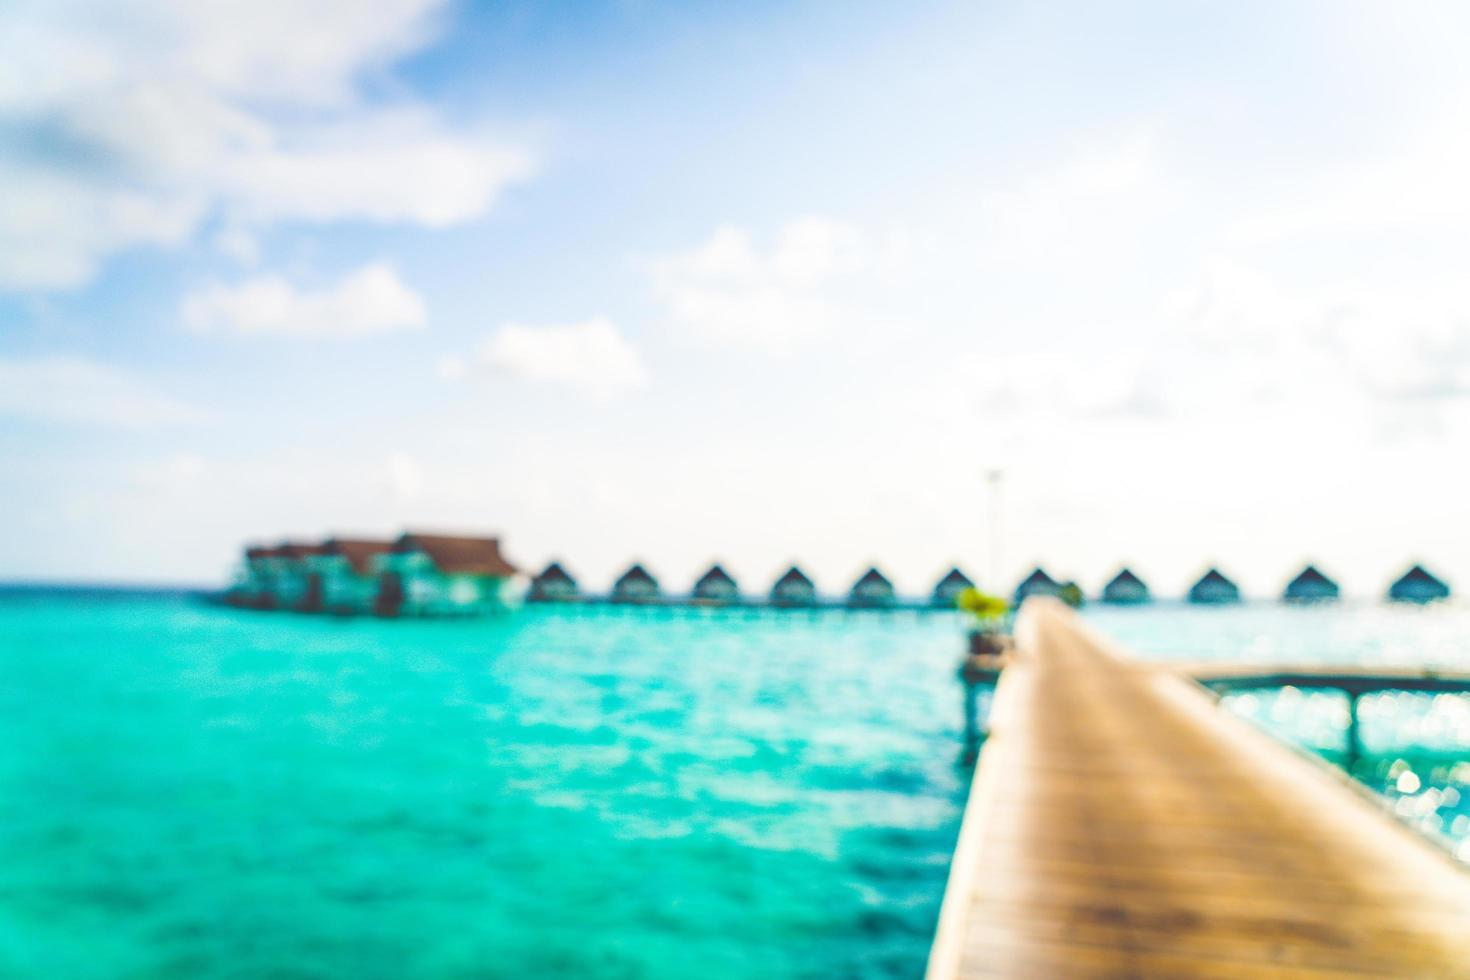 abstrakt suddighet tropisk strand och hav i Maldiverna för bakgrund foto